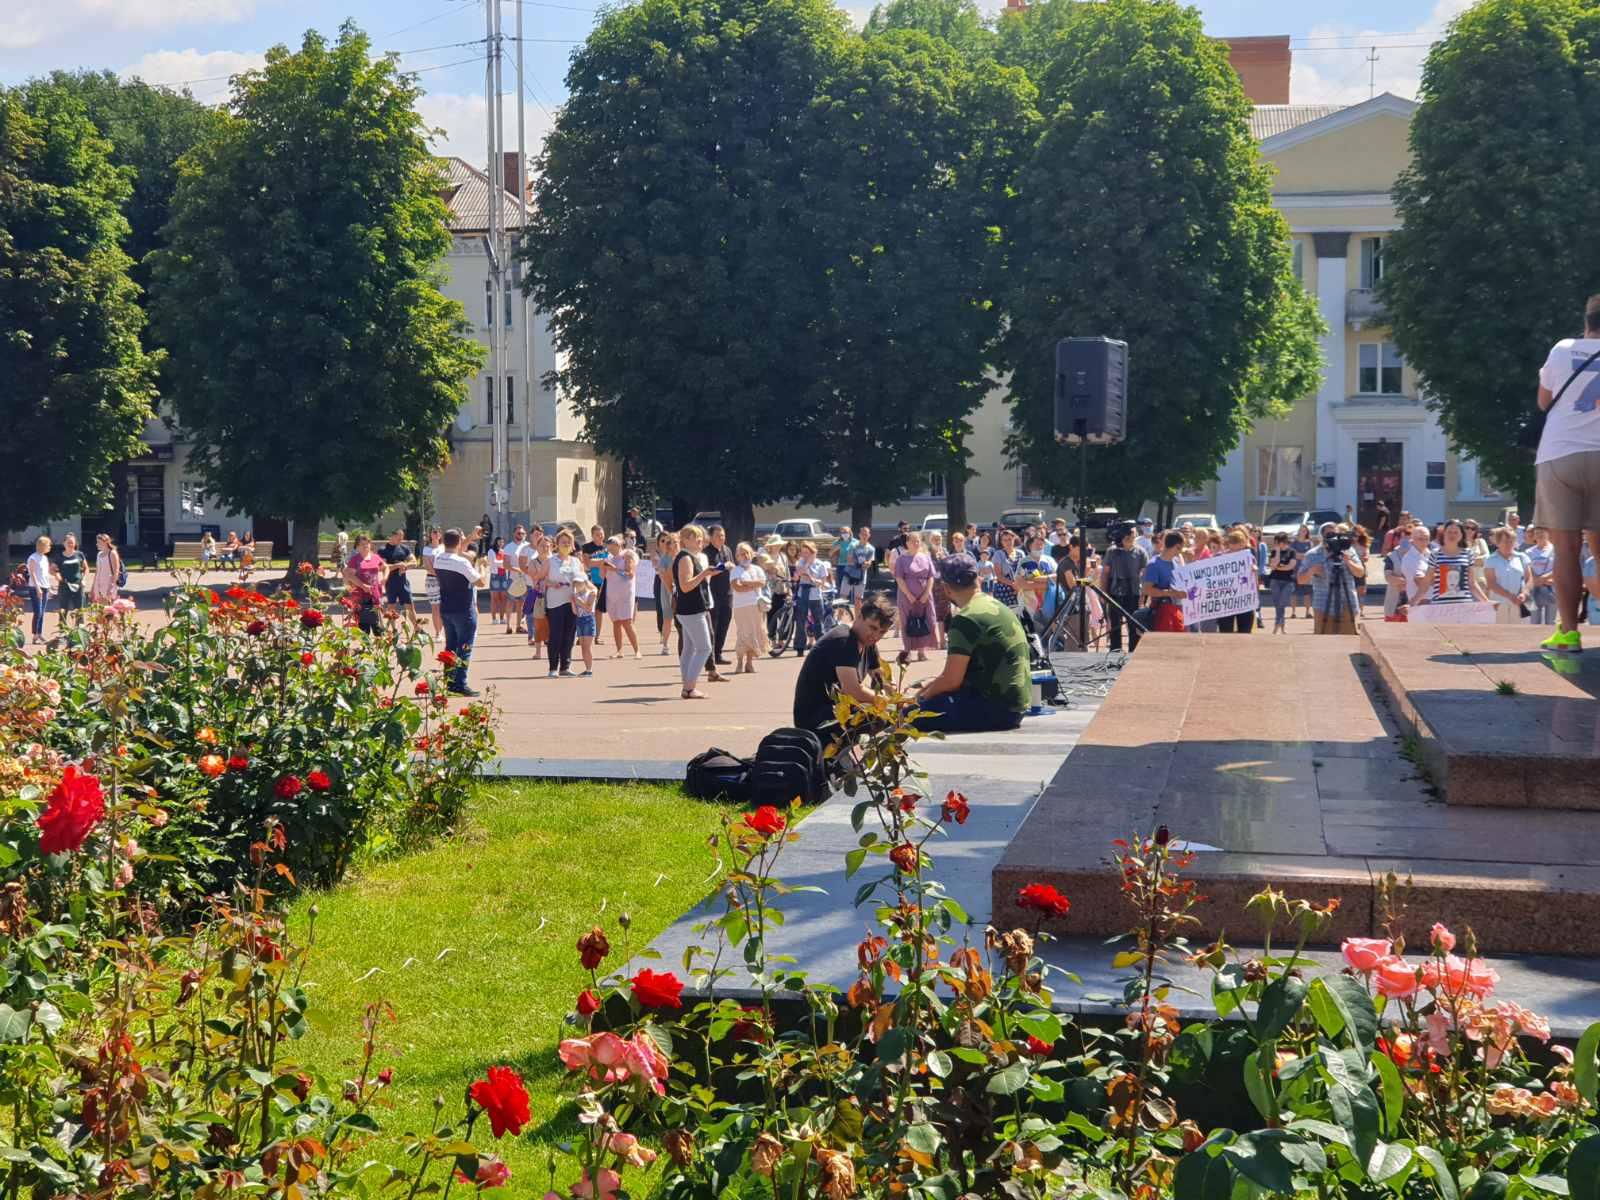 🎥ВІДЕО з Всеукраїнської Акції Непокори проти дистанційного навчання — 22 липня, середа